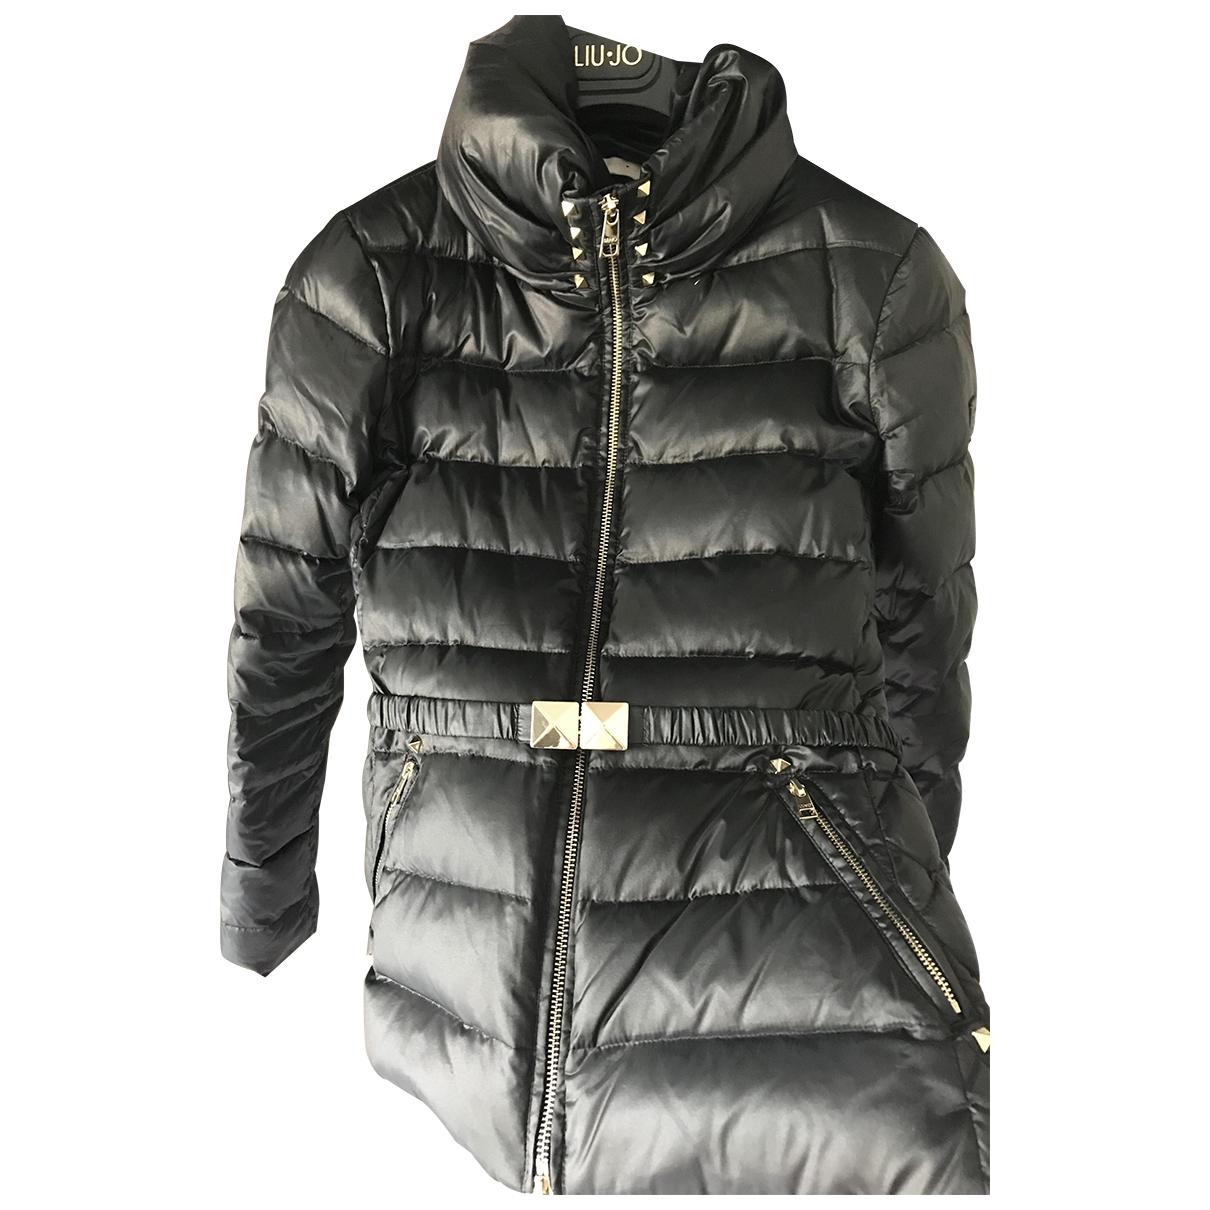 Liu.jo \N Black jacket for Women 40 IT